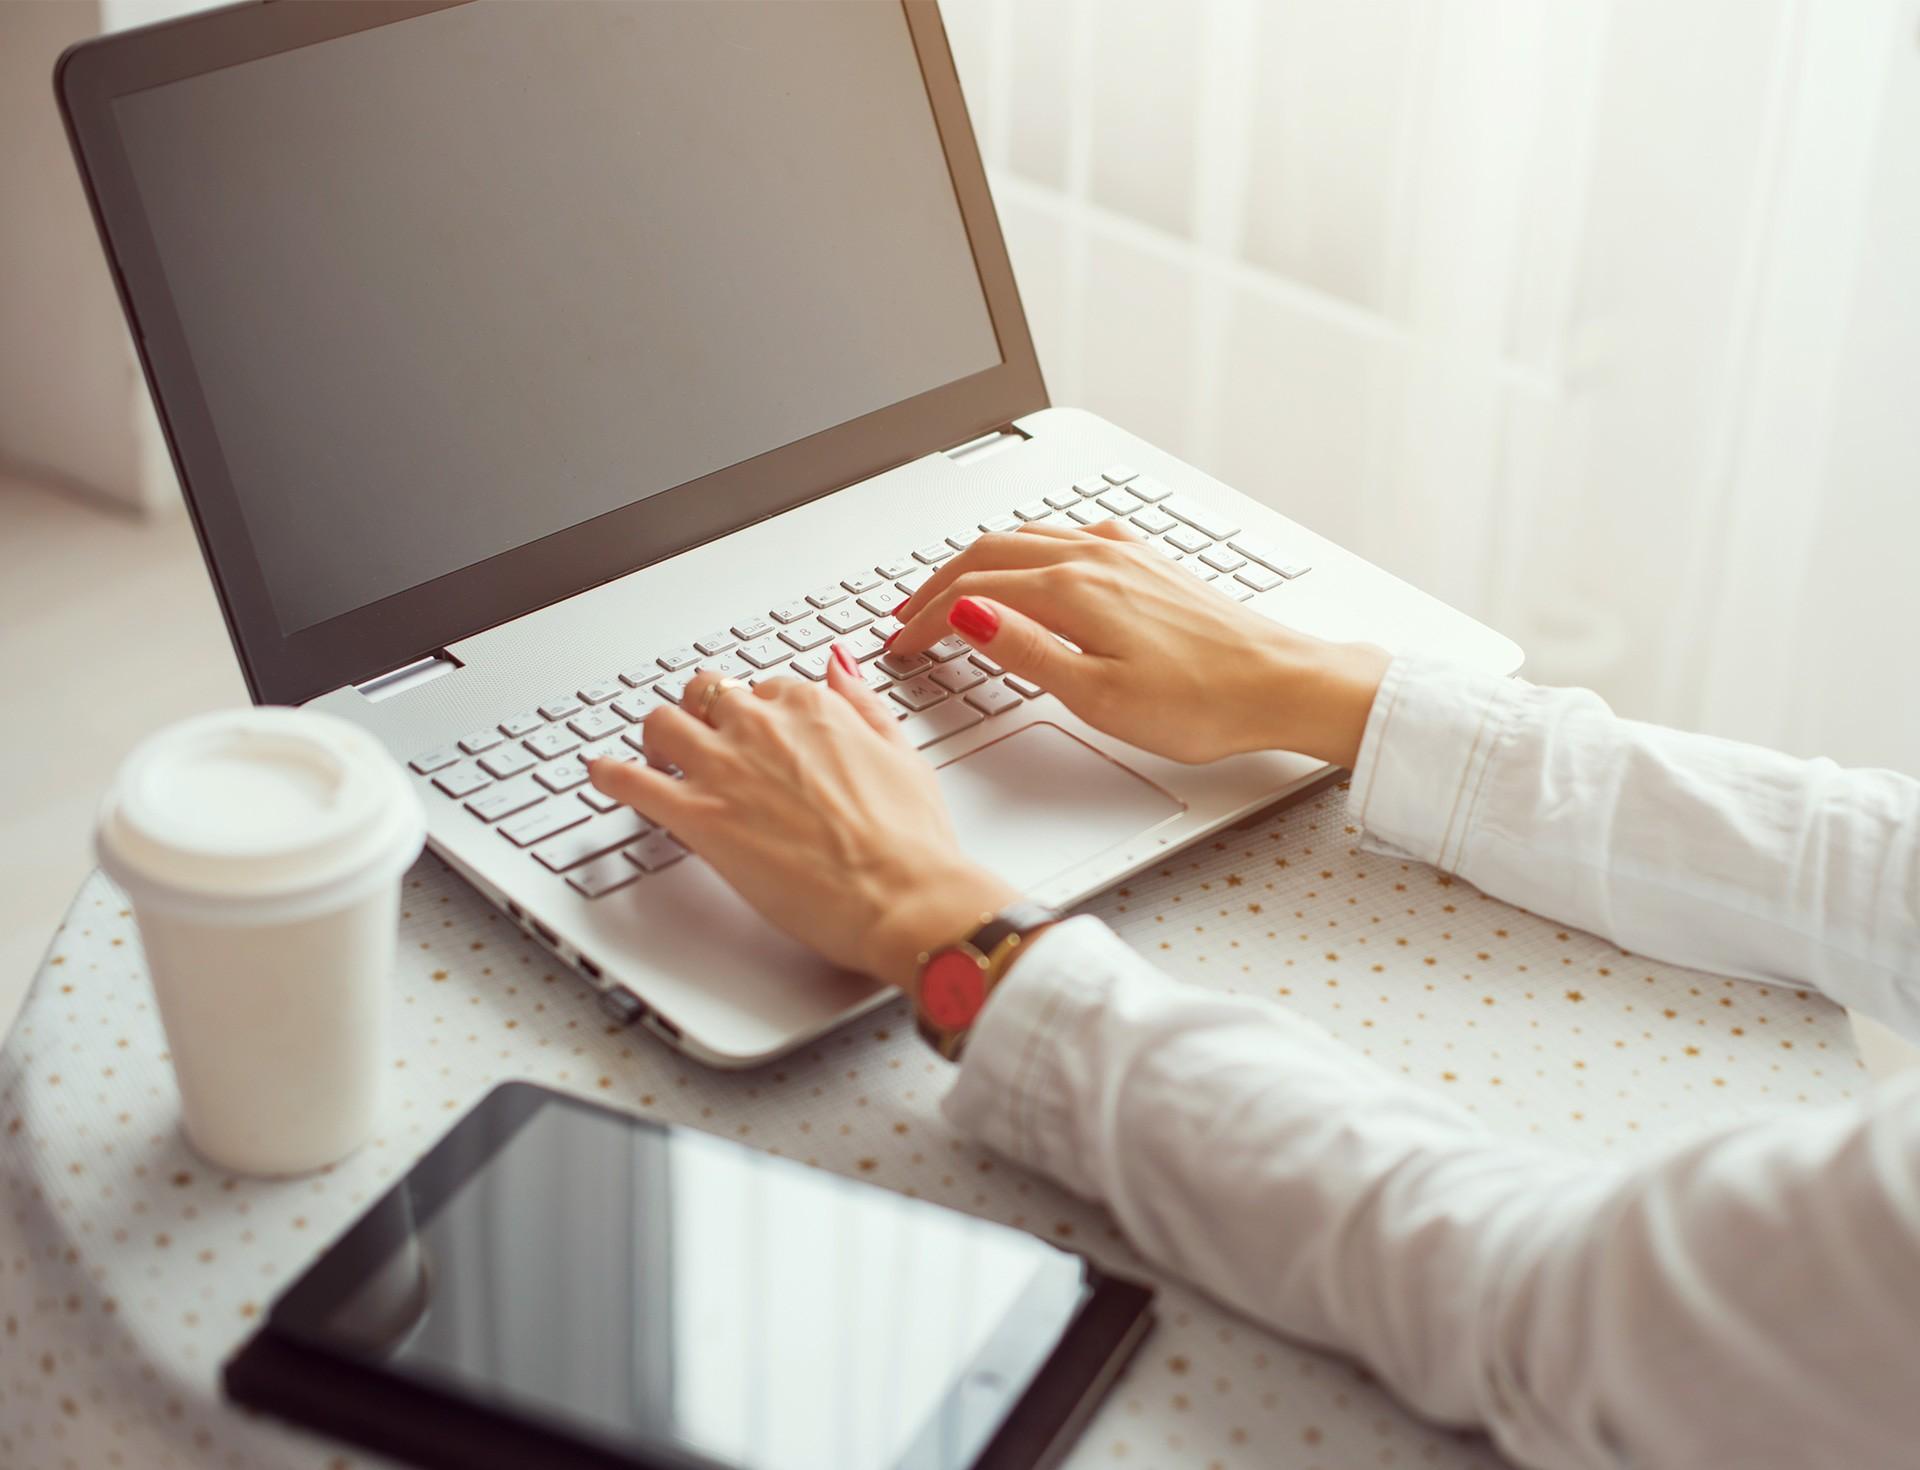 Как организовать рабочее место для удаленной работы дома?